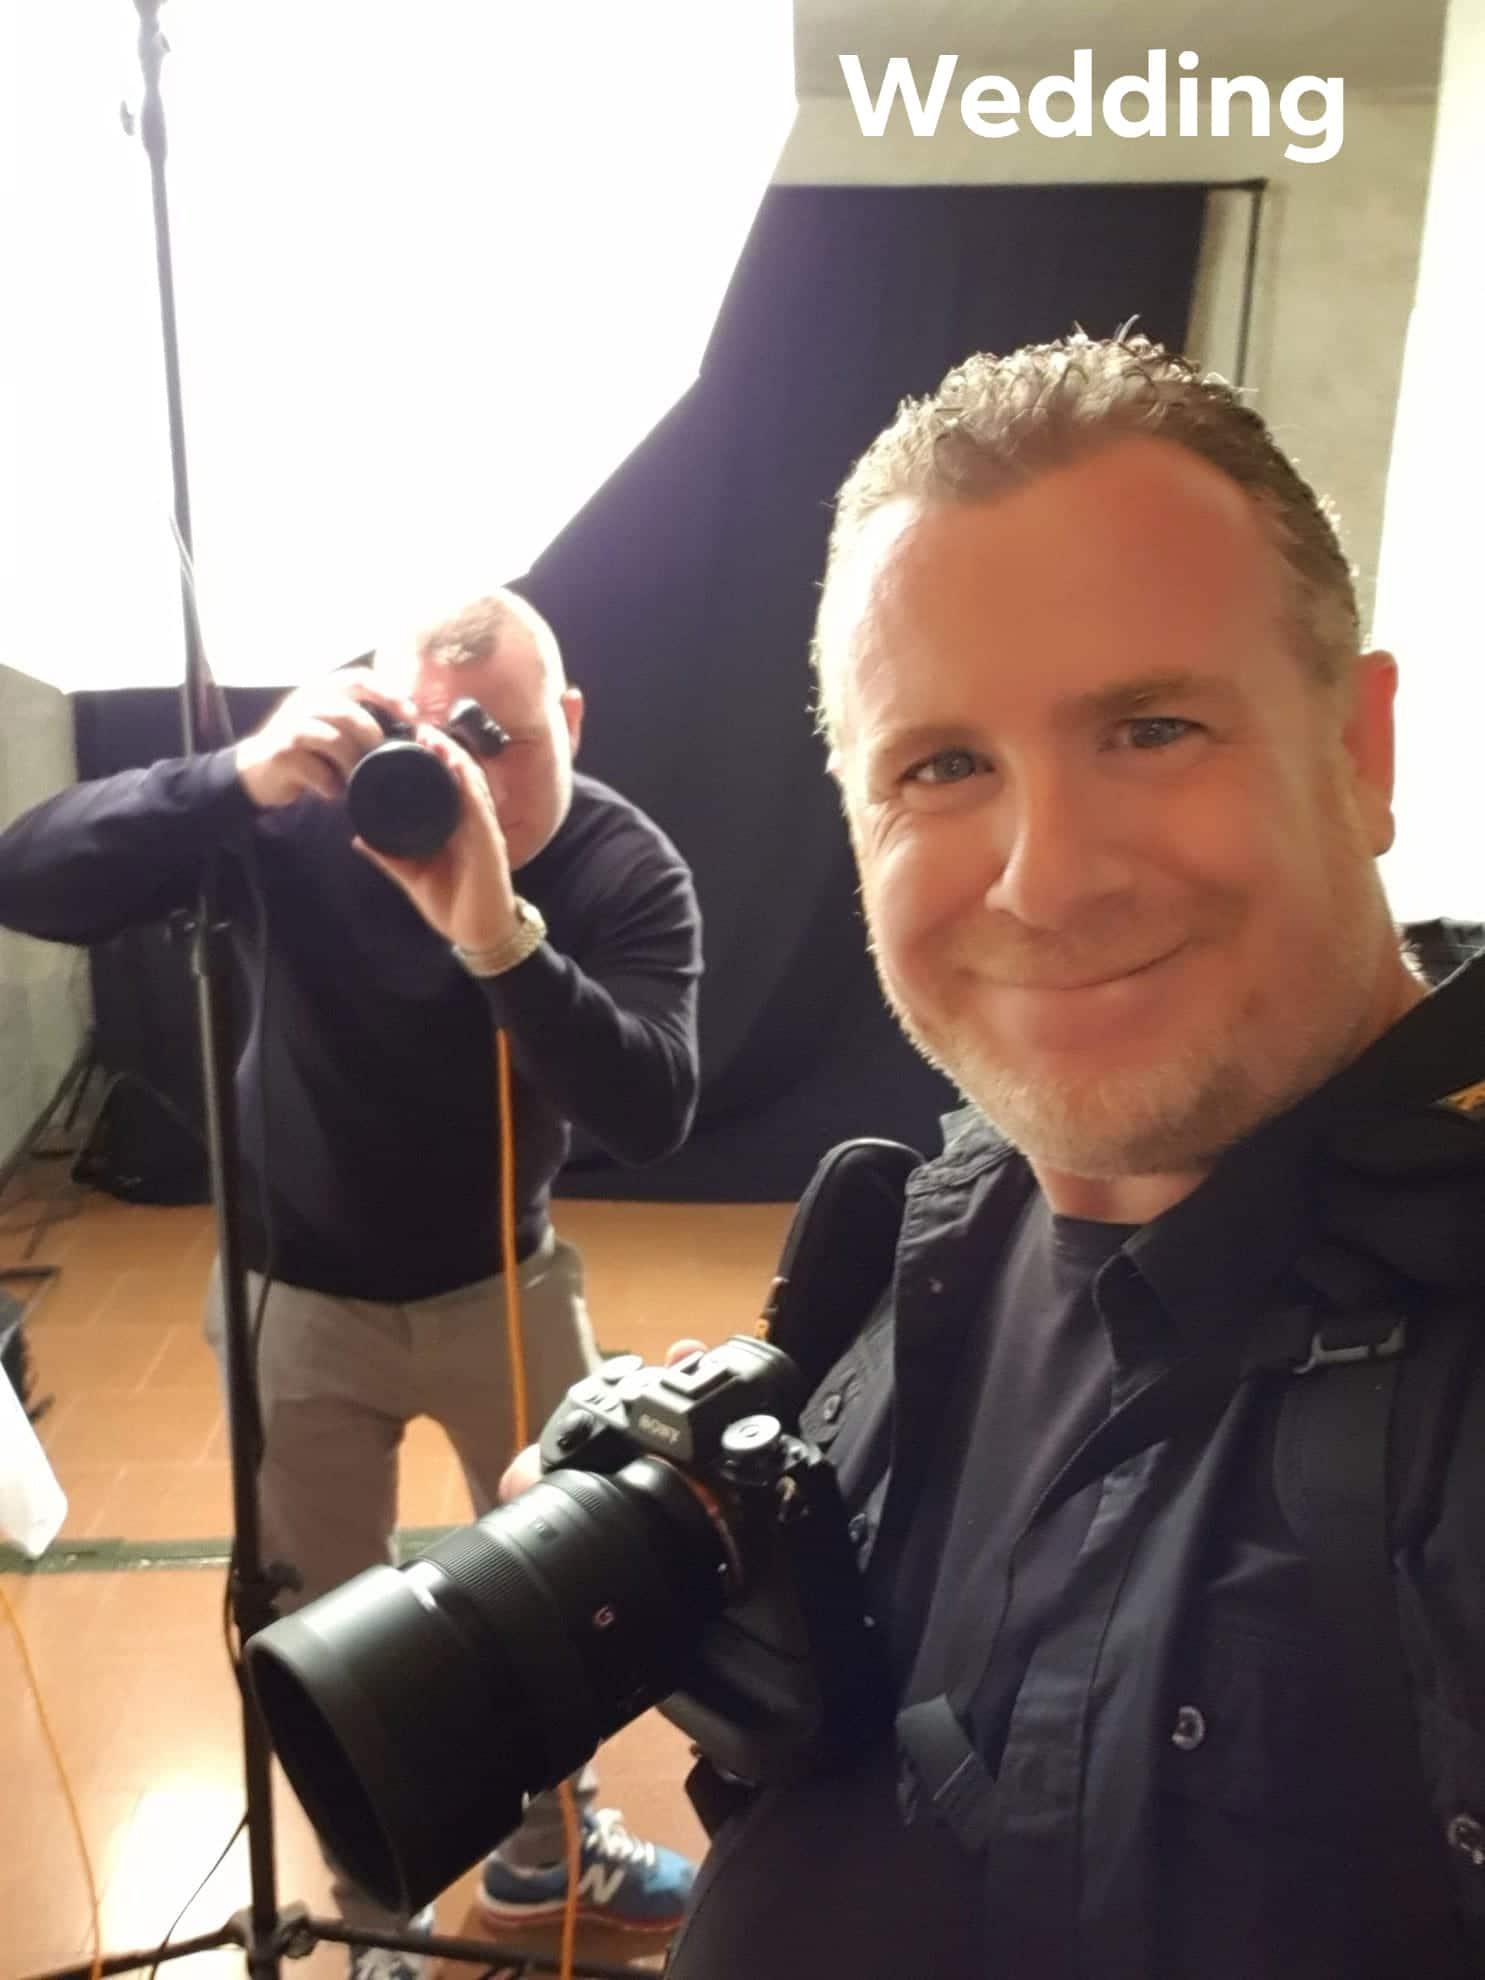 Hochzeit Fotograf Patrick Kunz